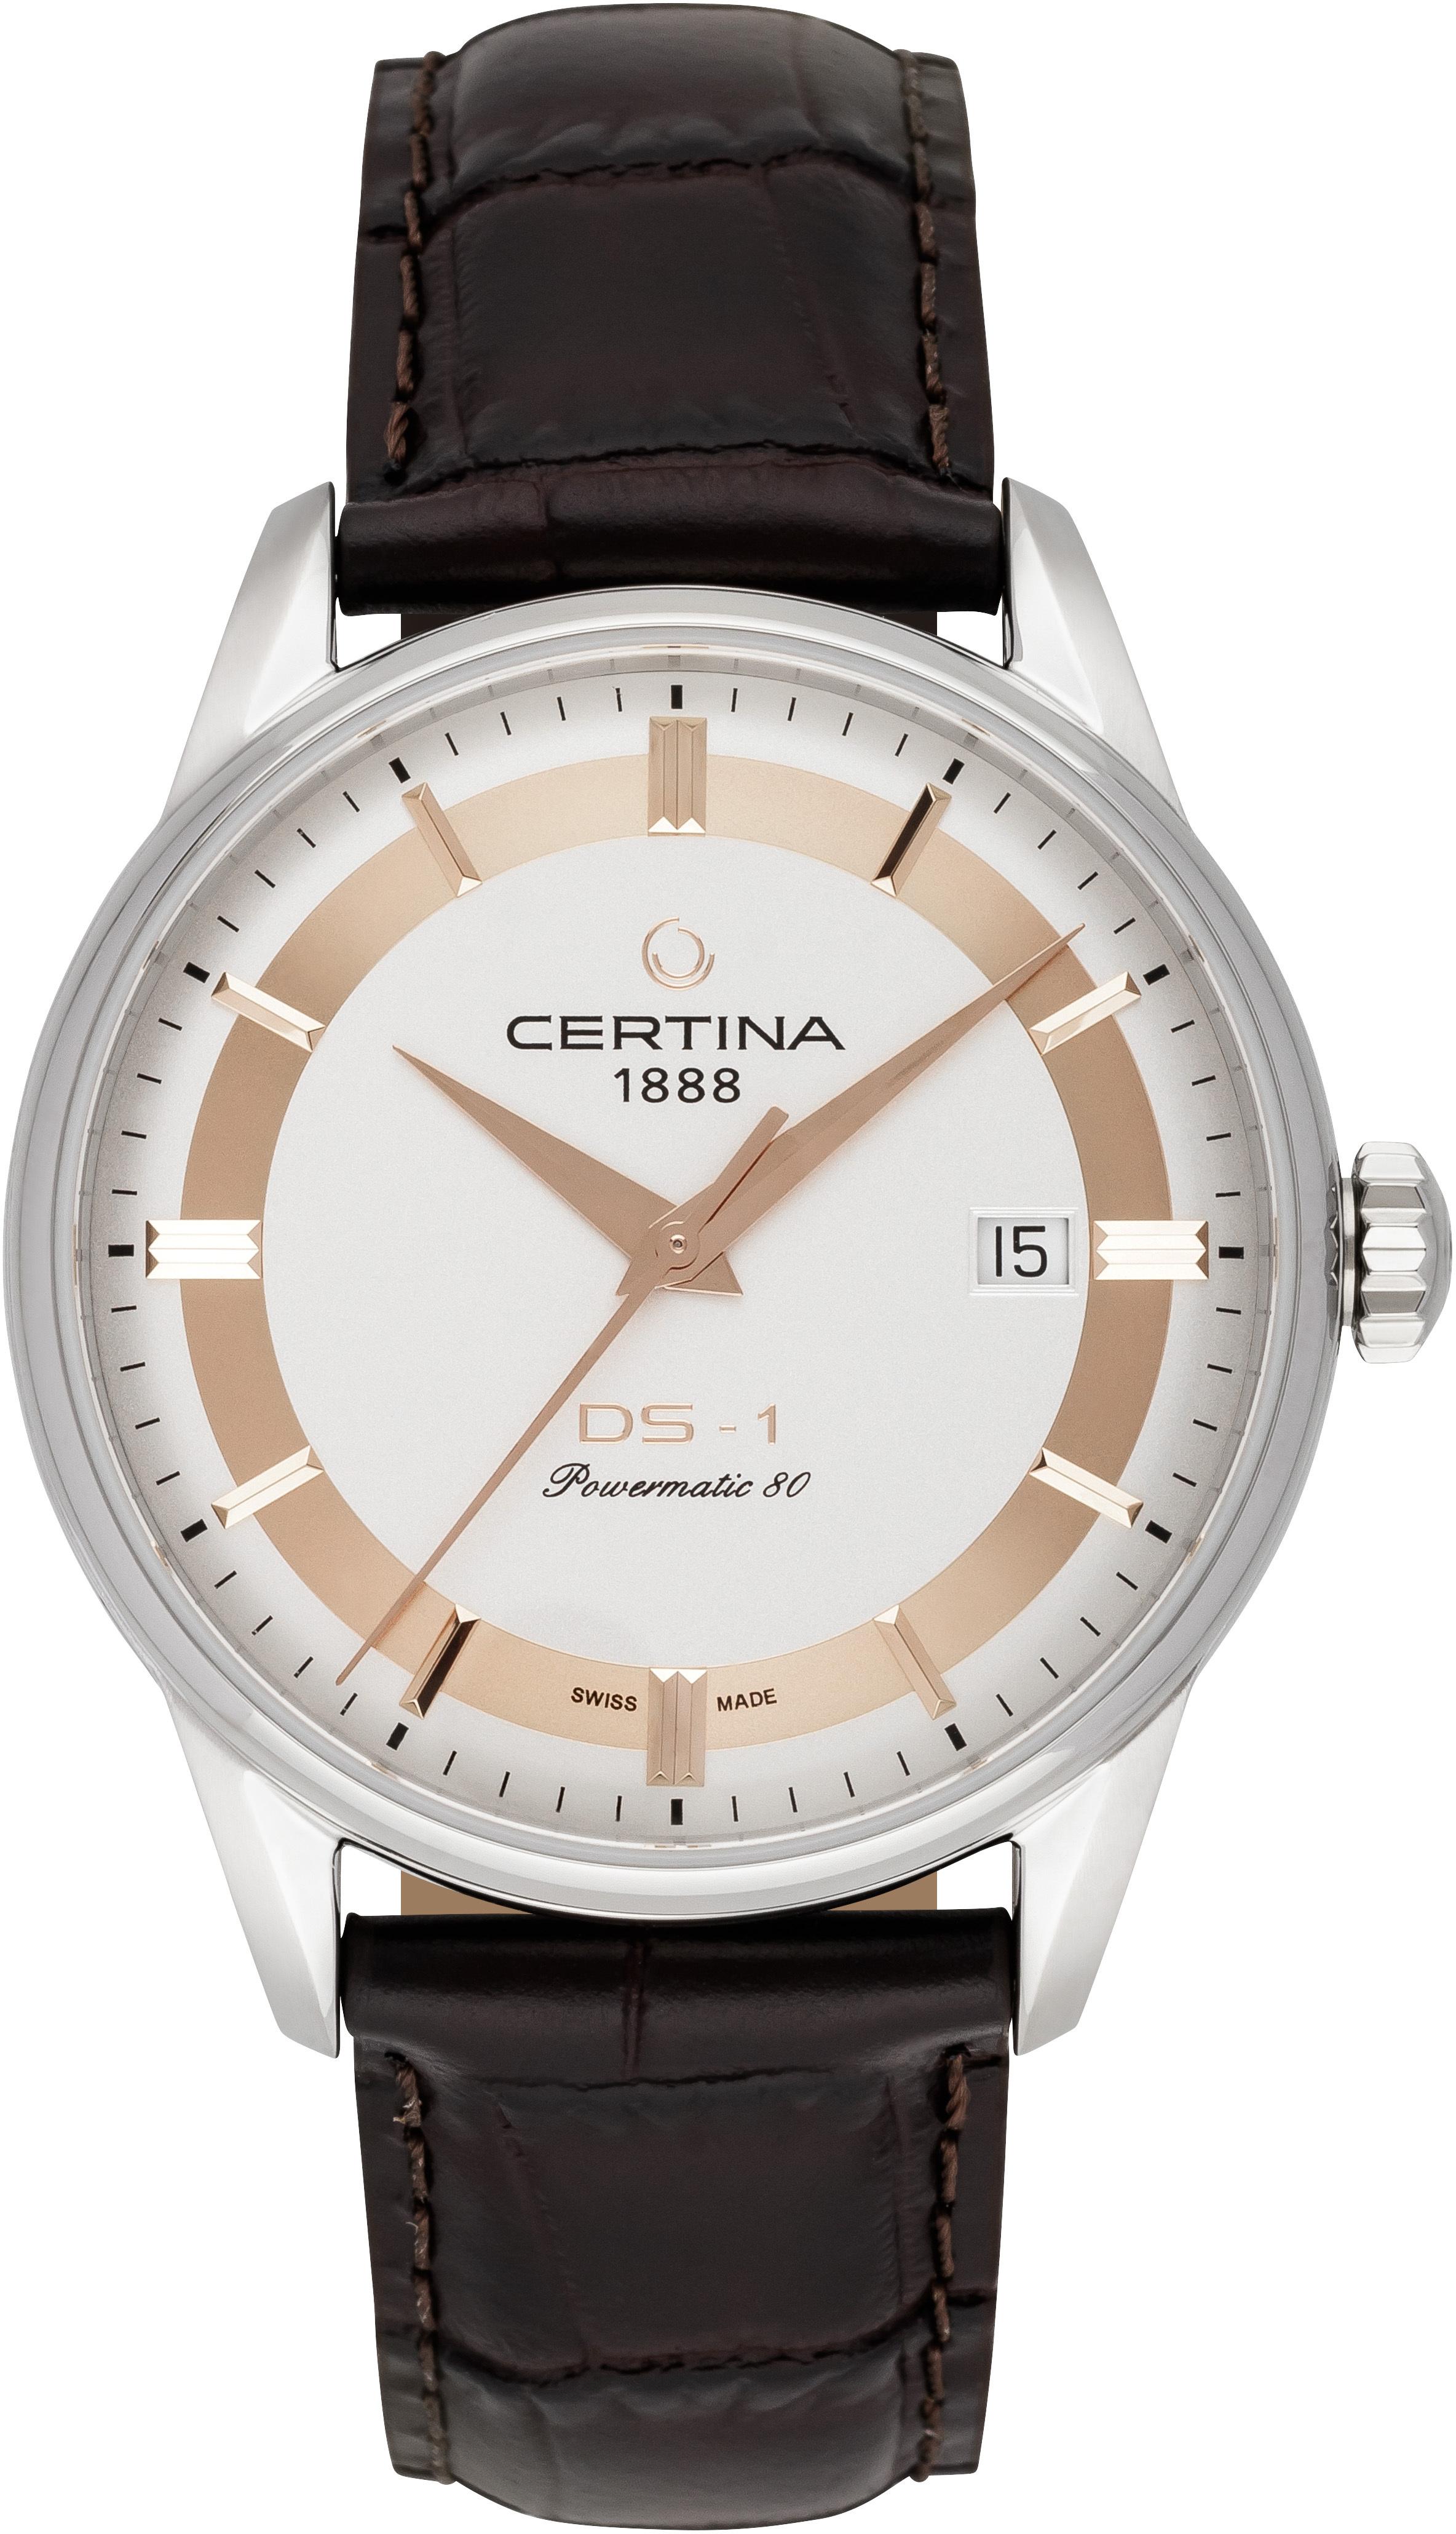 Certina DS 1 Herreklokke C029.807.16.031.60 Sølvfarget/Lær Ø40 mm - Certina